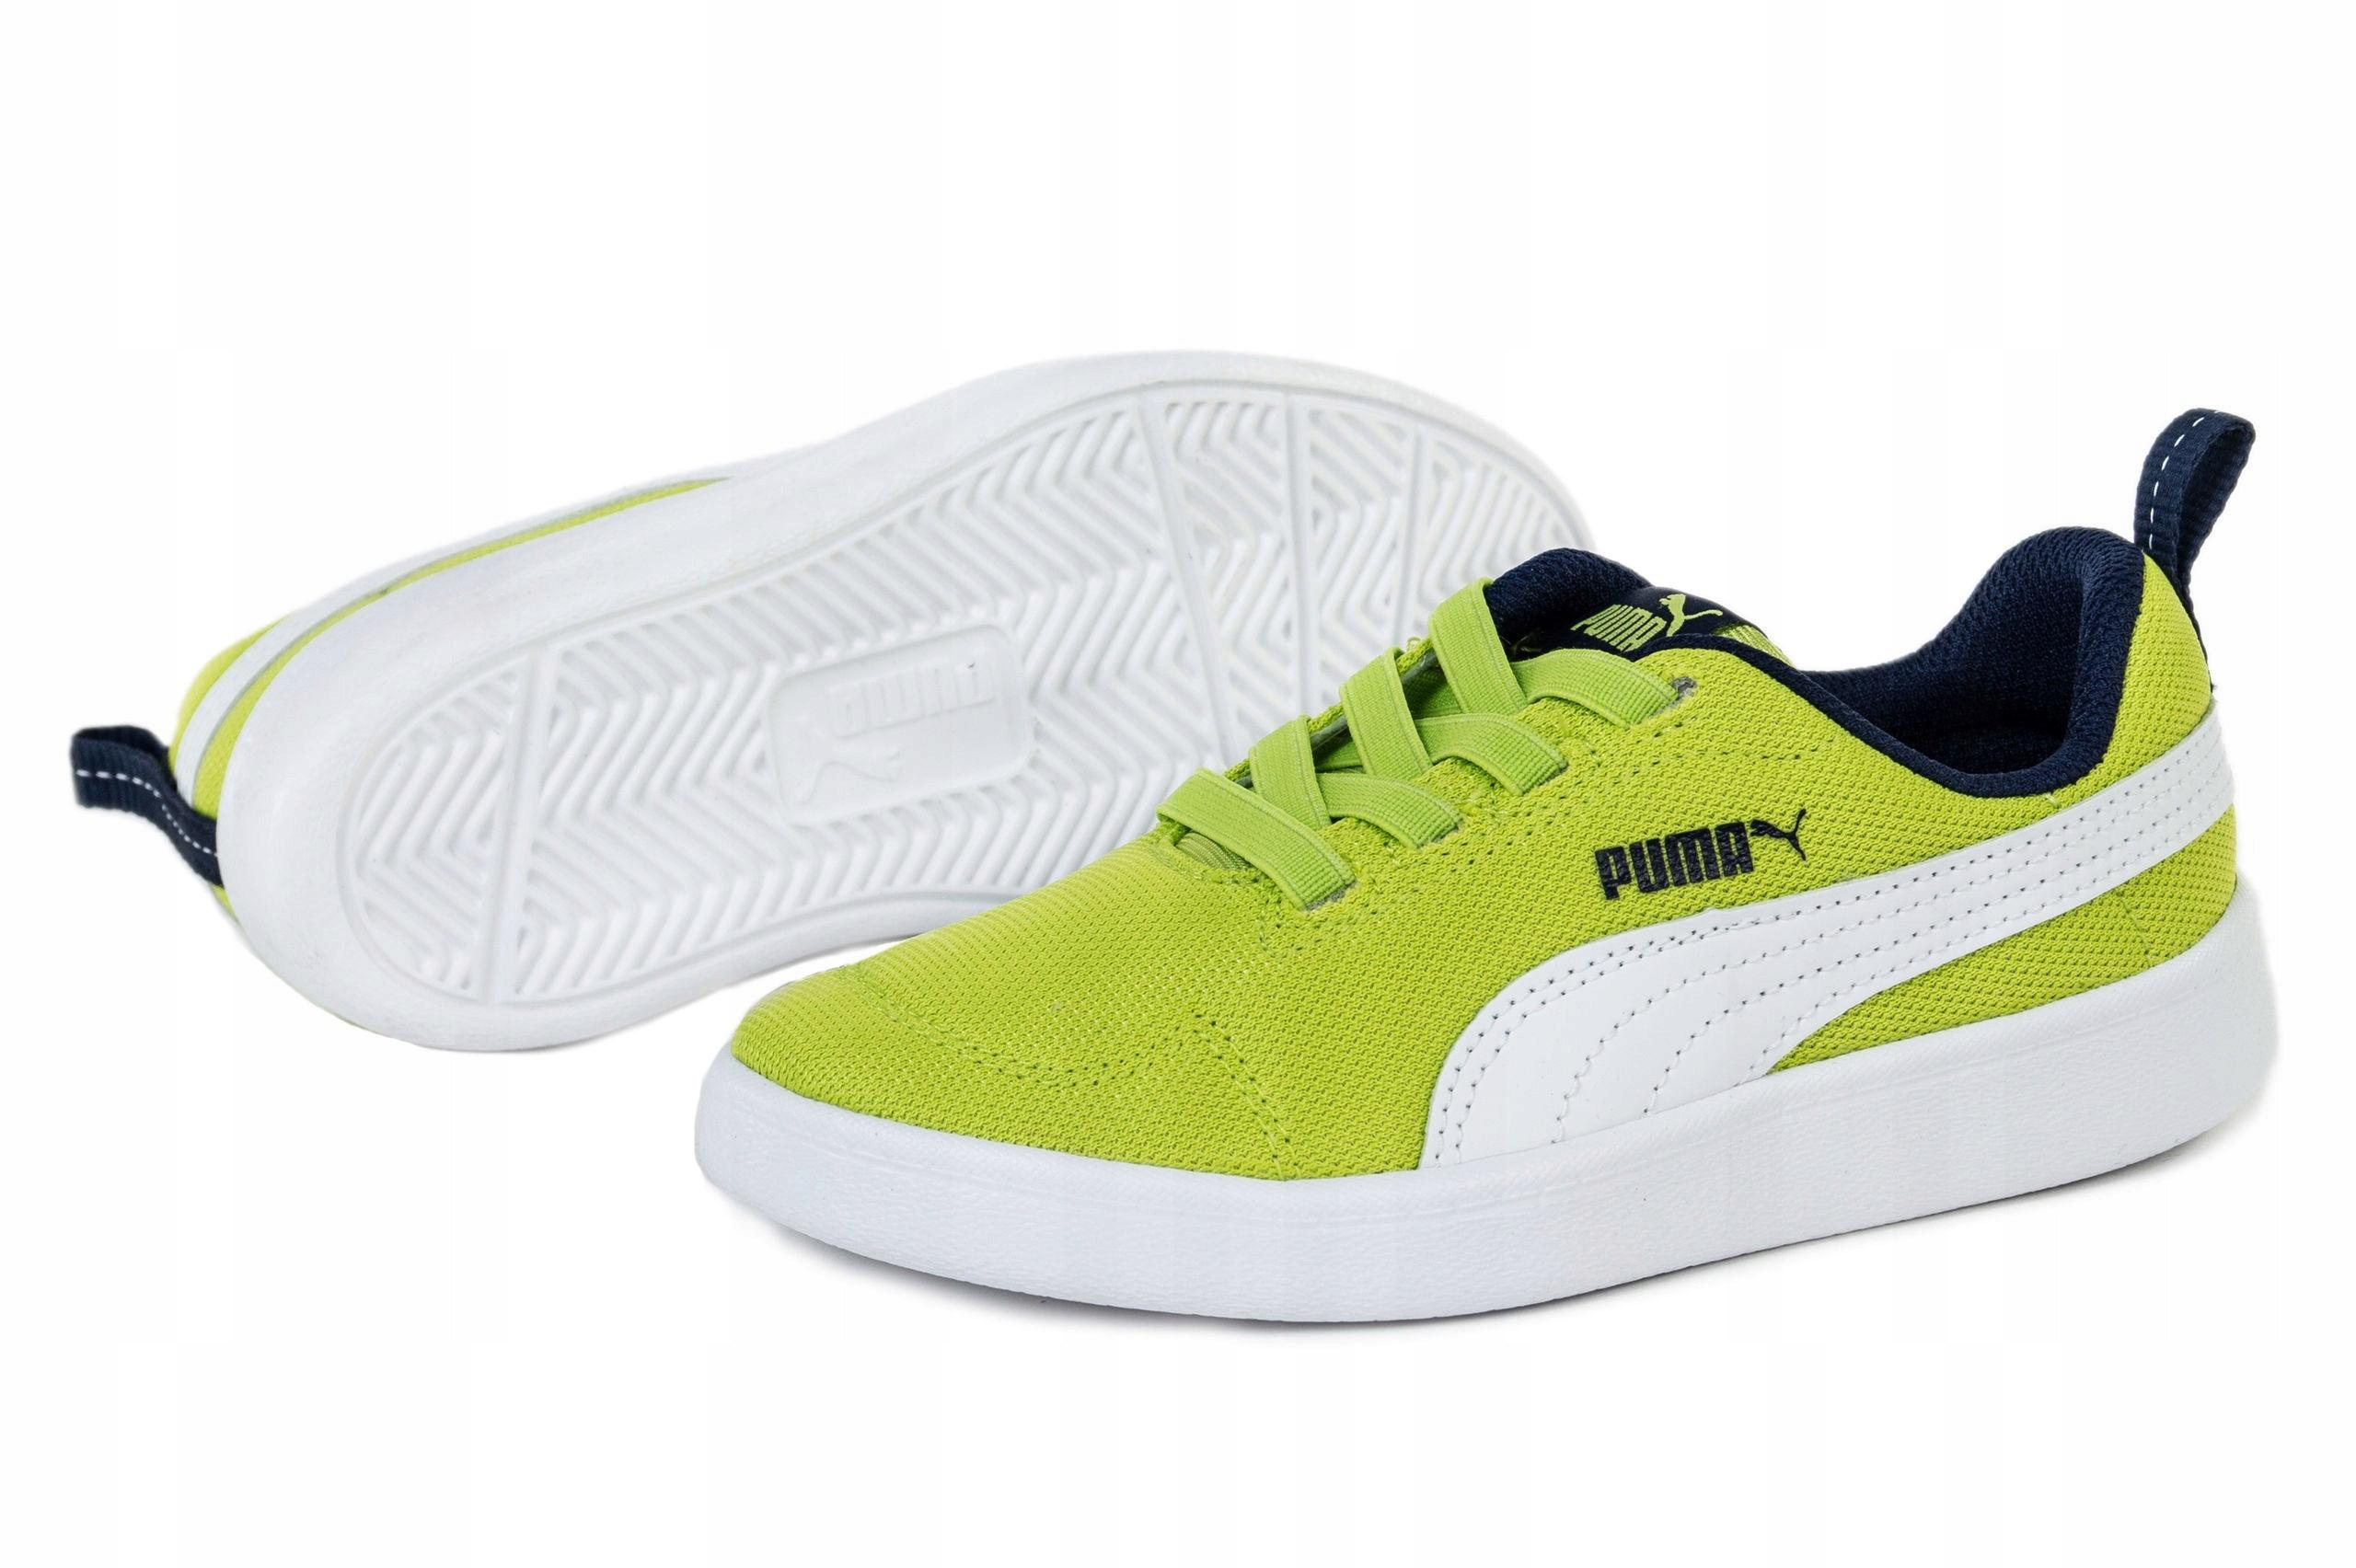 Kolorowe Tekstylne Buty Sportowe Puma rozmiar 35,5